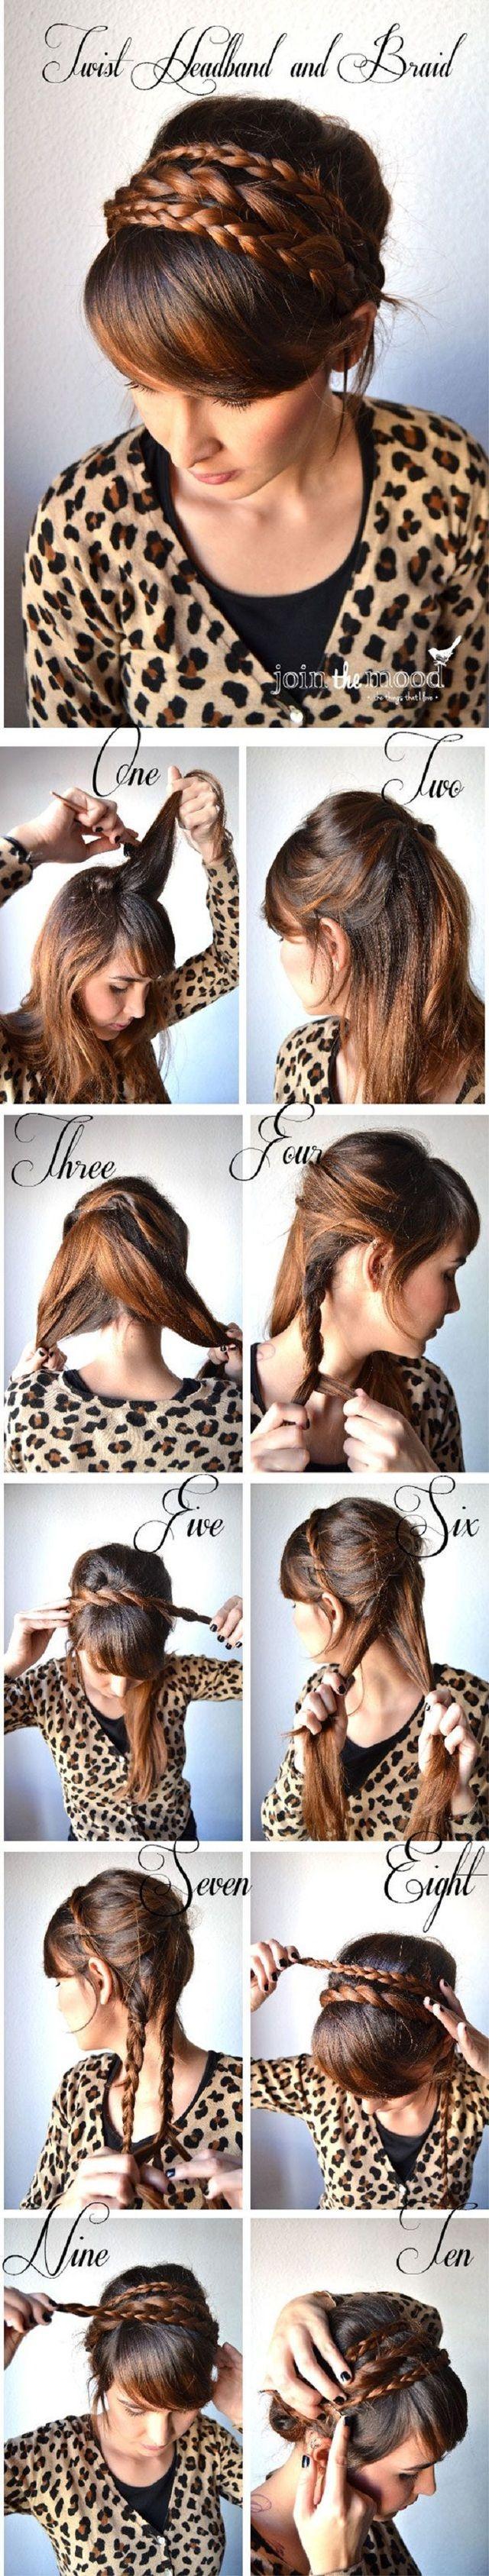 1、トップに逆毛をたてて、ボリュームを出した状態でピンで留める。 2、髪を左右に分け、右側で三つ編みを作り、トップに向けて冠を作る。 3、下の残りの髪を更に2つに分け、それぞれ三つ編みを作り、冠にする。  お団子は作ってないのですが、お団子のように見えるアレンジ。あまりボリュームをだしたくない時に使えそうなテクニックですね。